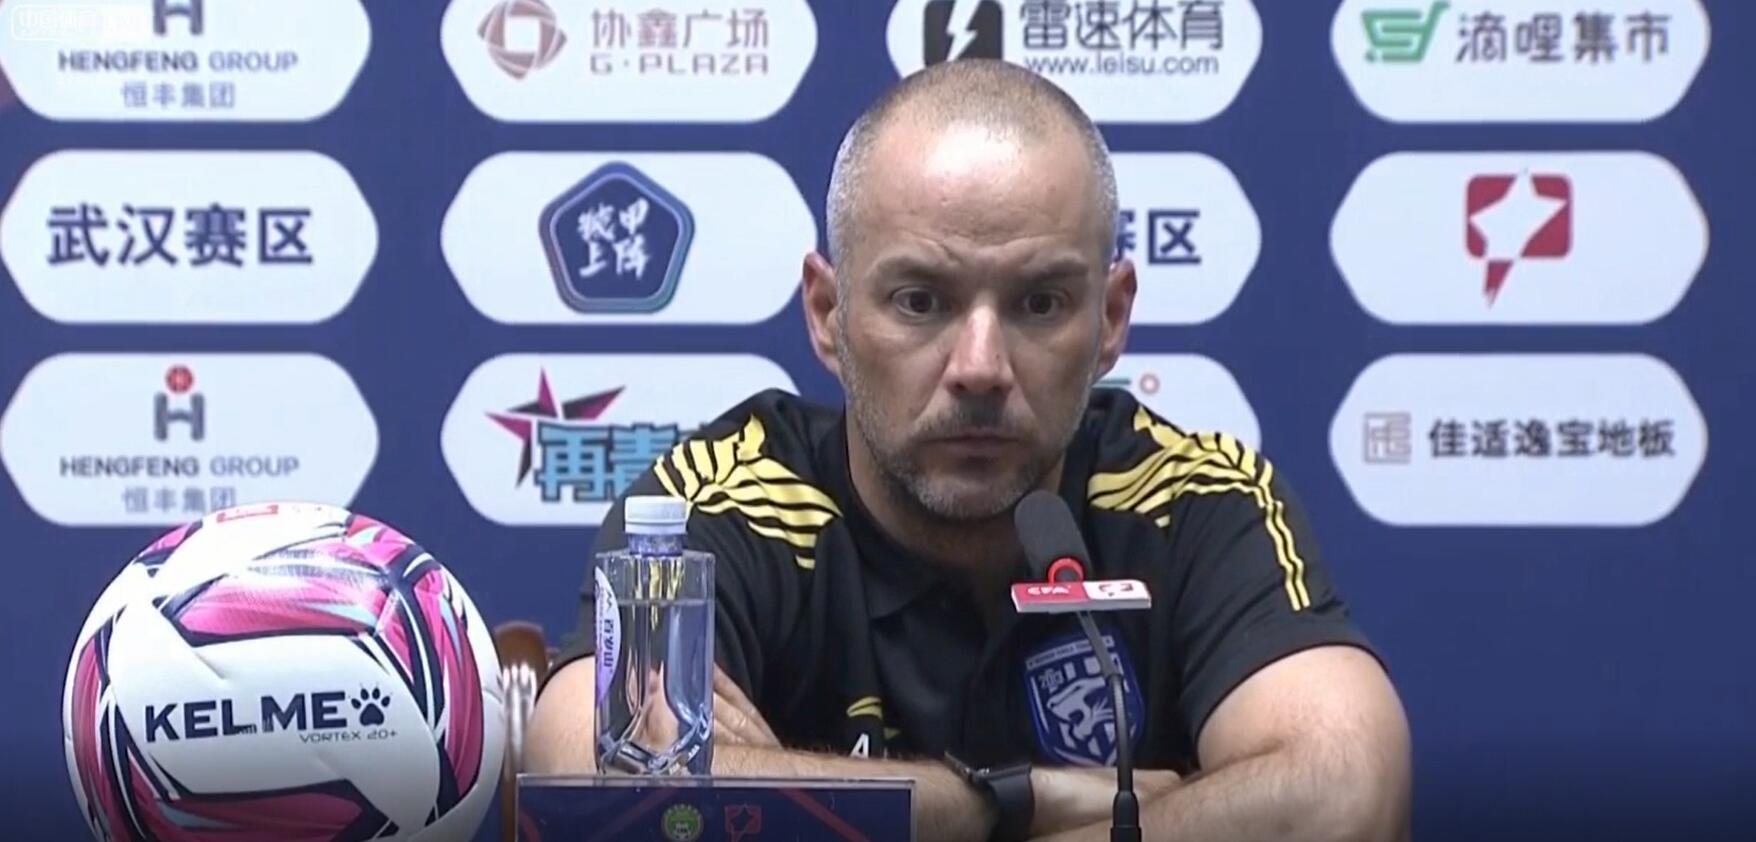 阿尔贝托:武汉三镇这场比赛踢得不好,浪费多次单刀球,结果遗憾